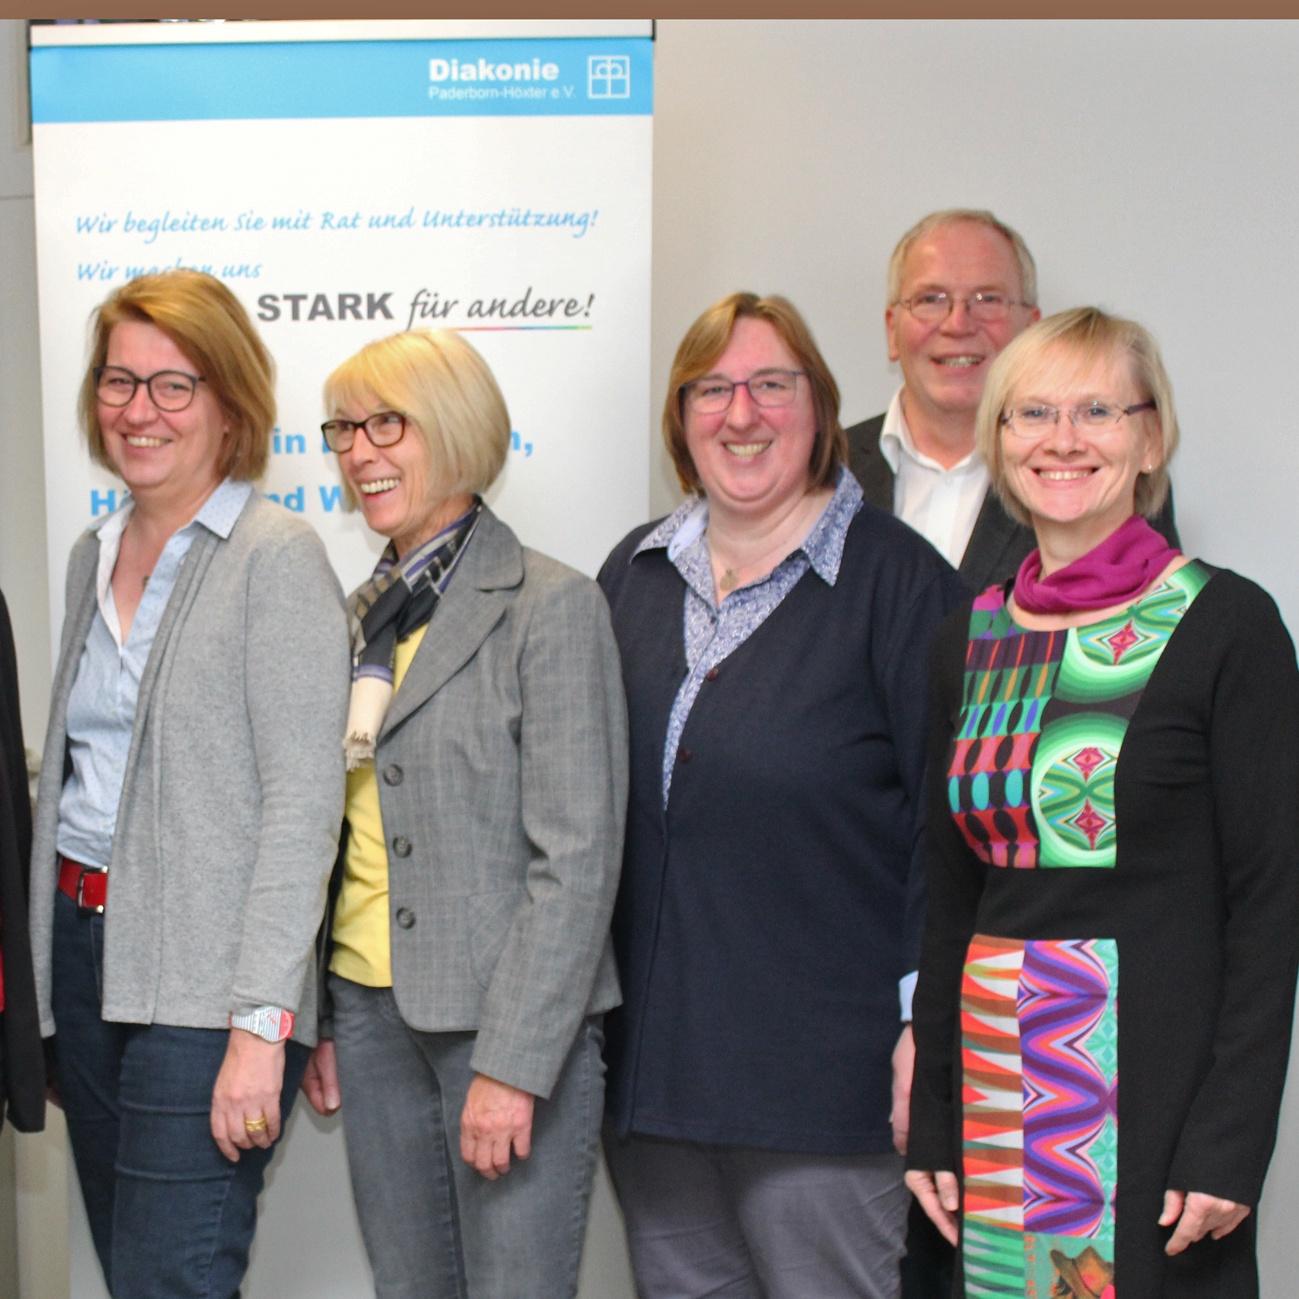 Mitgliederversammlung der Diakonie Paderborn-Höxter e.V. Prozess zur Weiterentwicklung hat begonnen